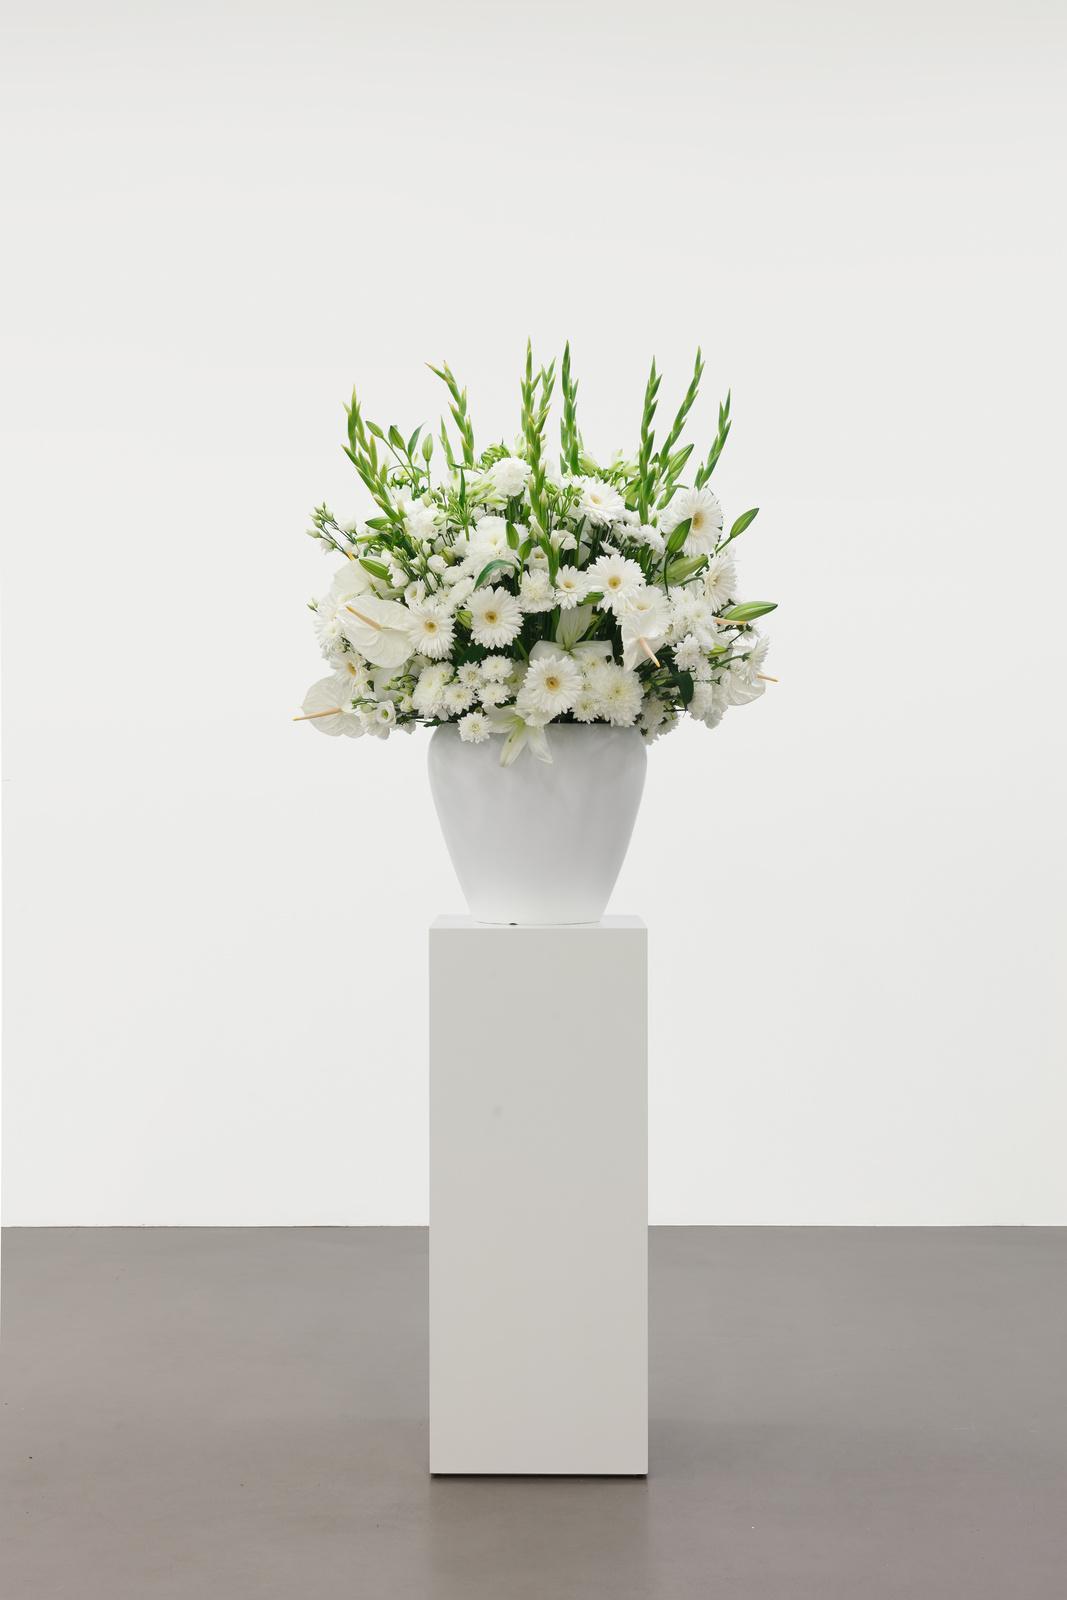 Willem_de_Rooij_Bouquet_IX_2012-1